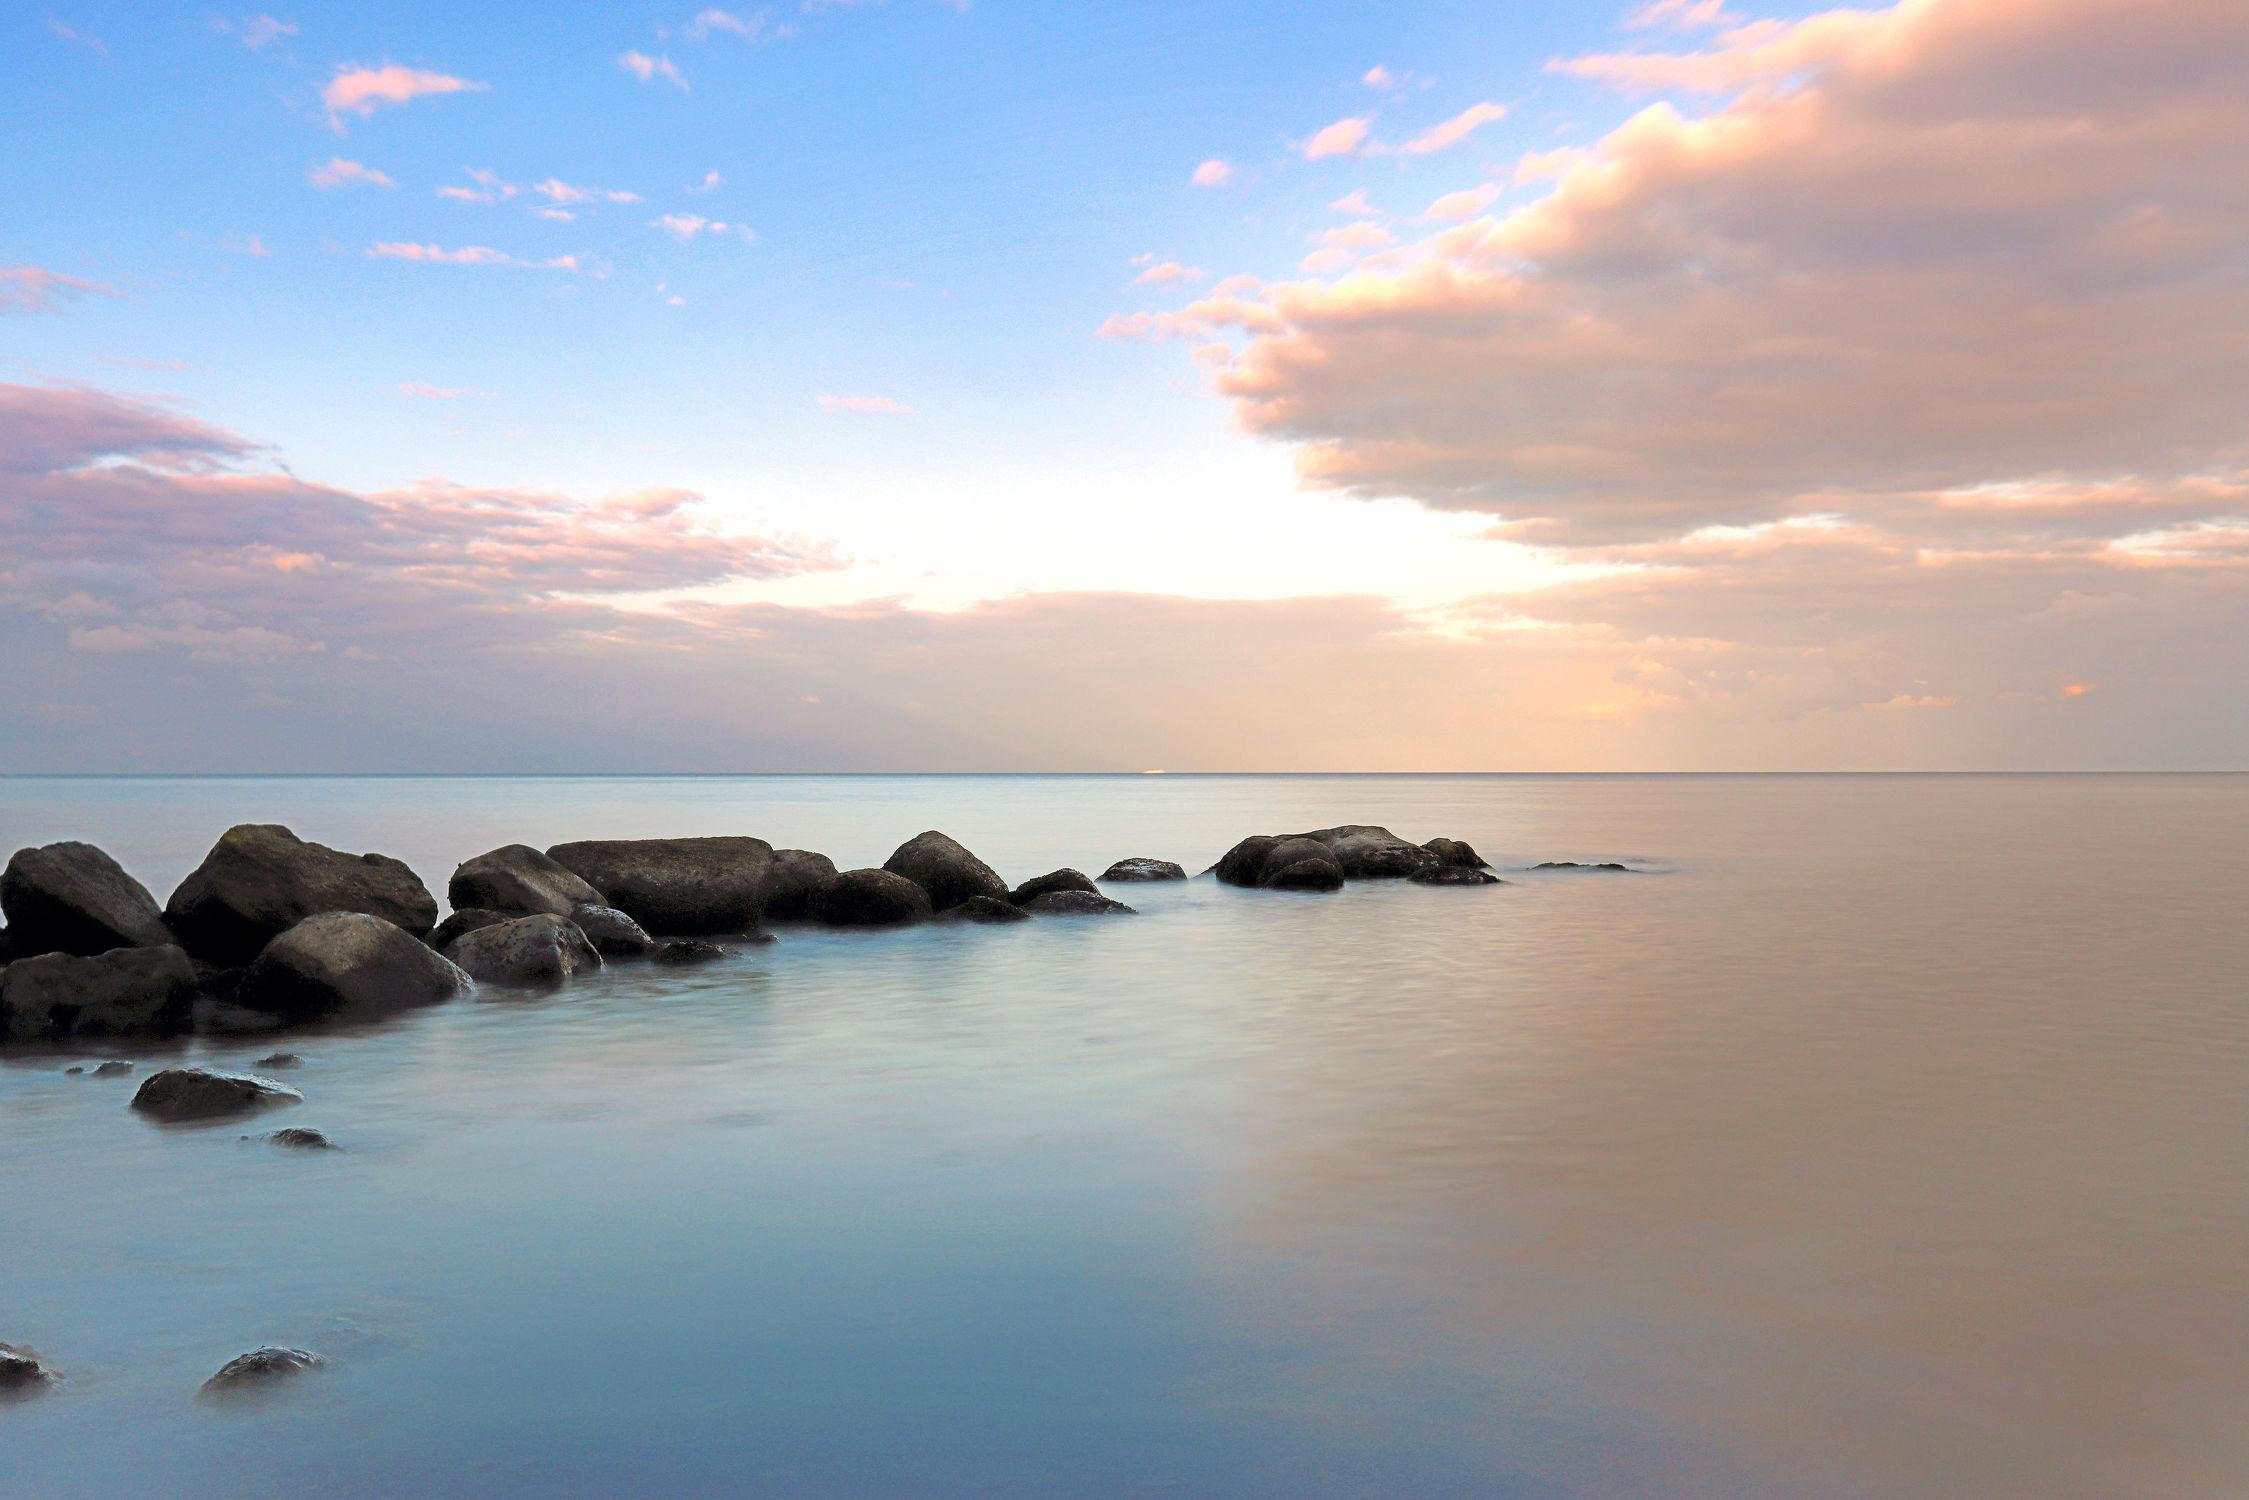 Bild mit Wasser, Himmel, Wolken, Gewässer, Felsen, Strände, Brandung, Stein, Urlaub, Strand, Ostsee, Meer, Steine, See, Abend, mystisch, Gestein, Fels, pastell, morgen